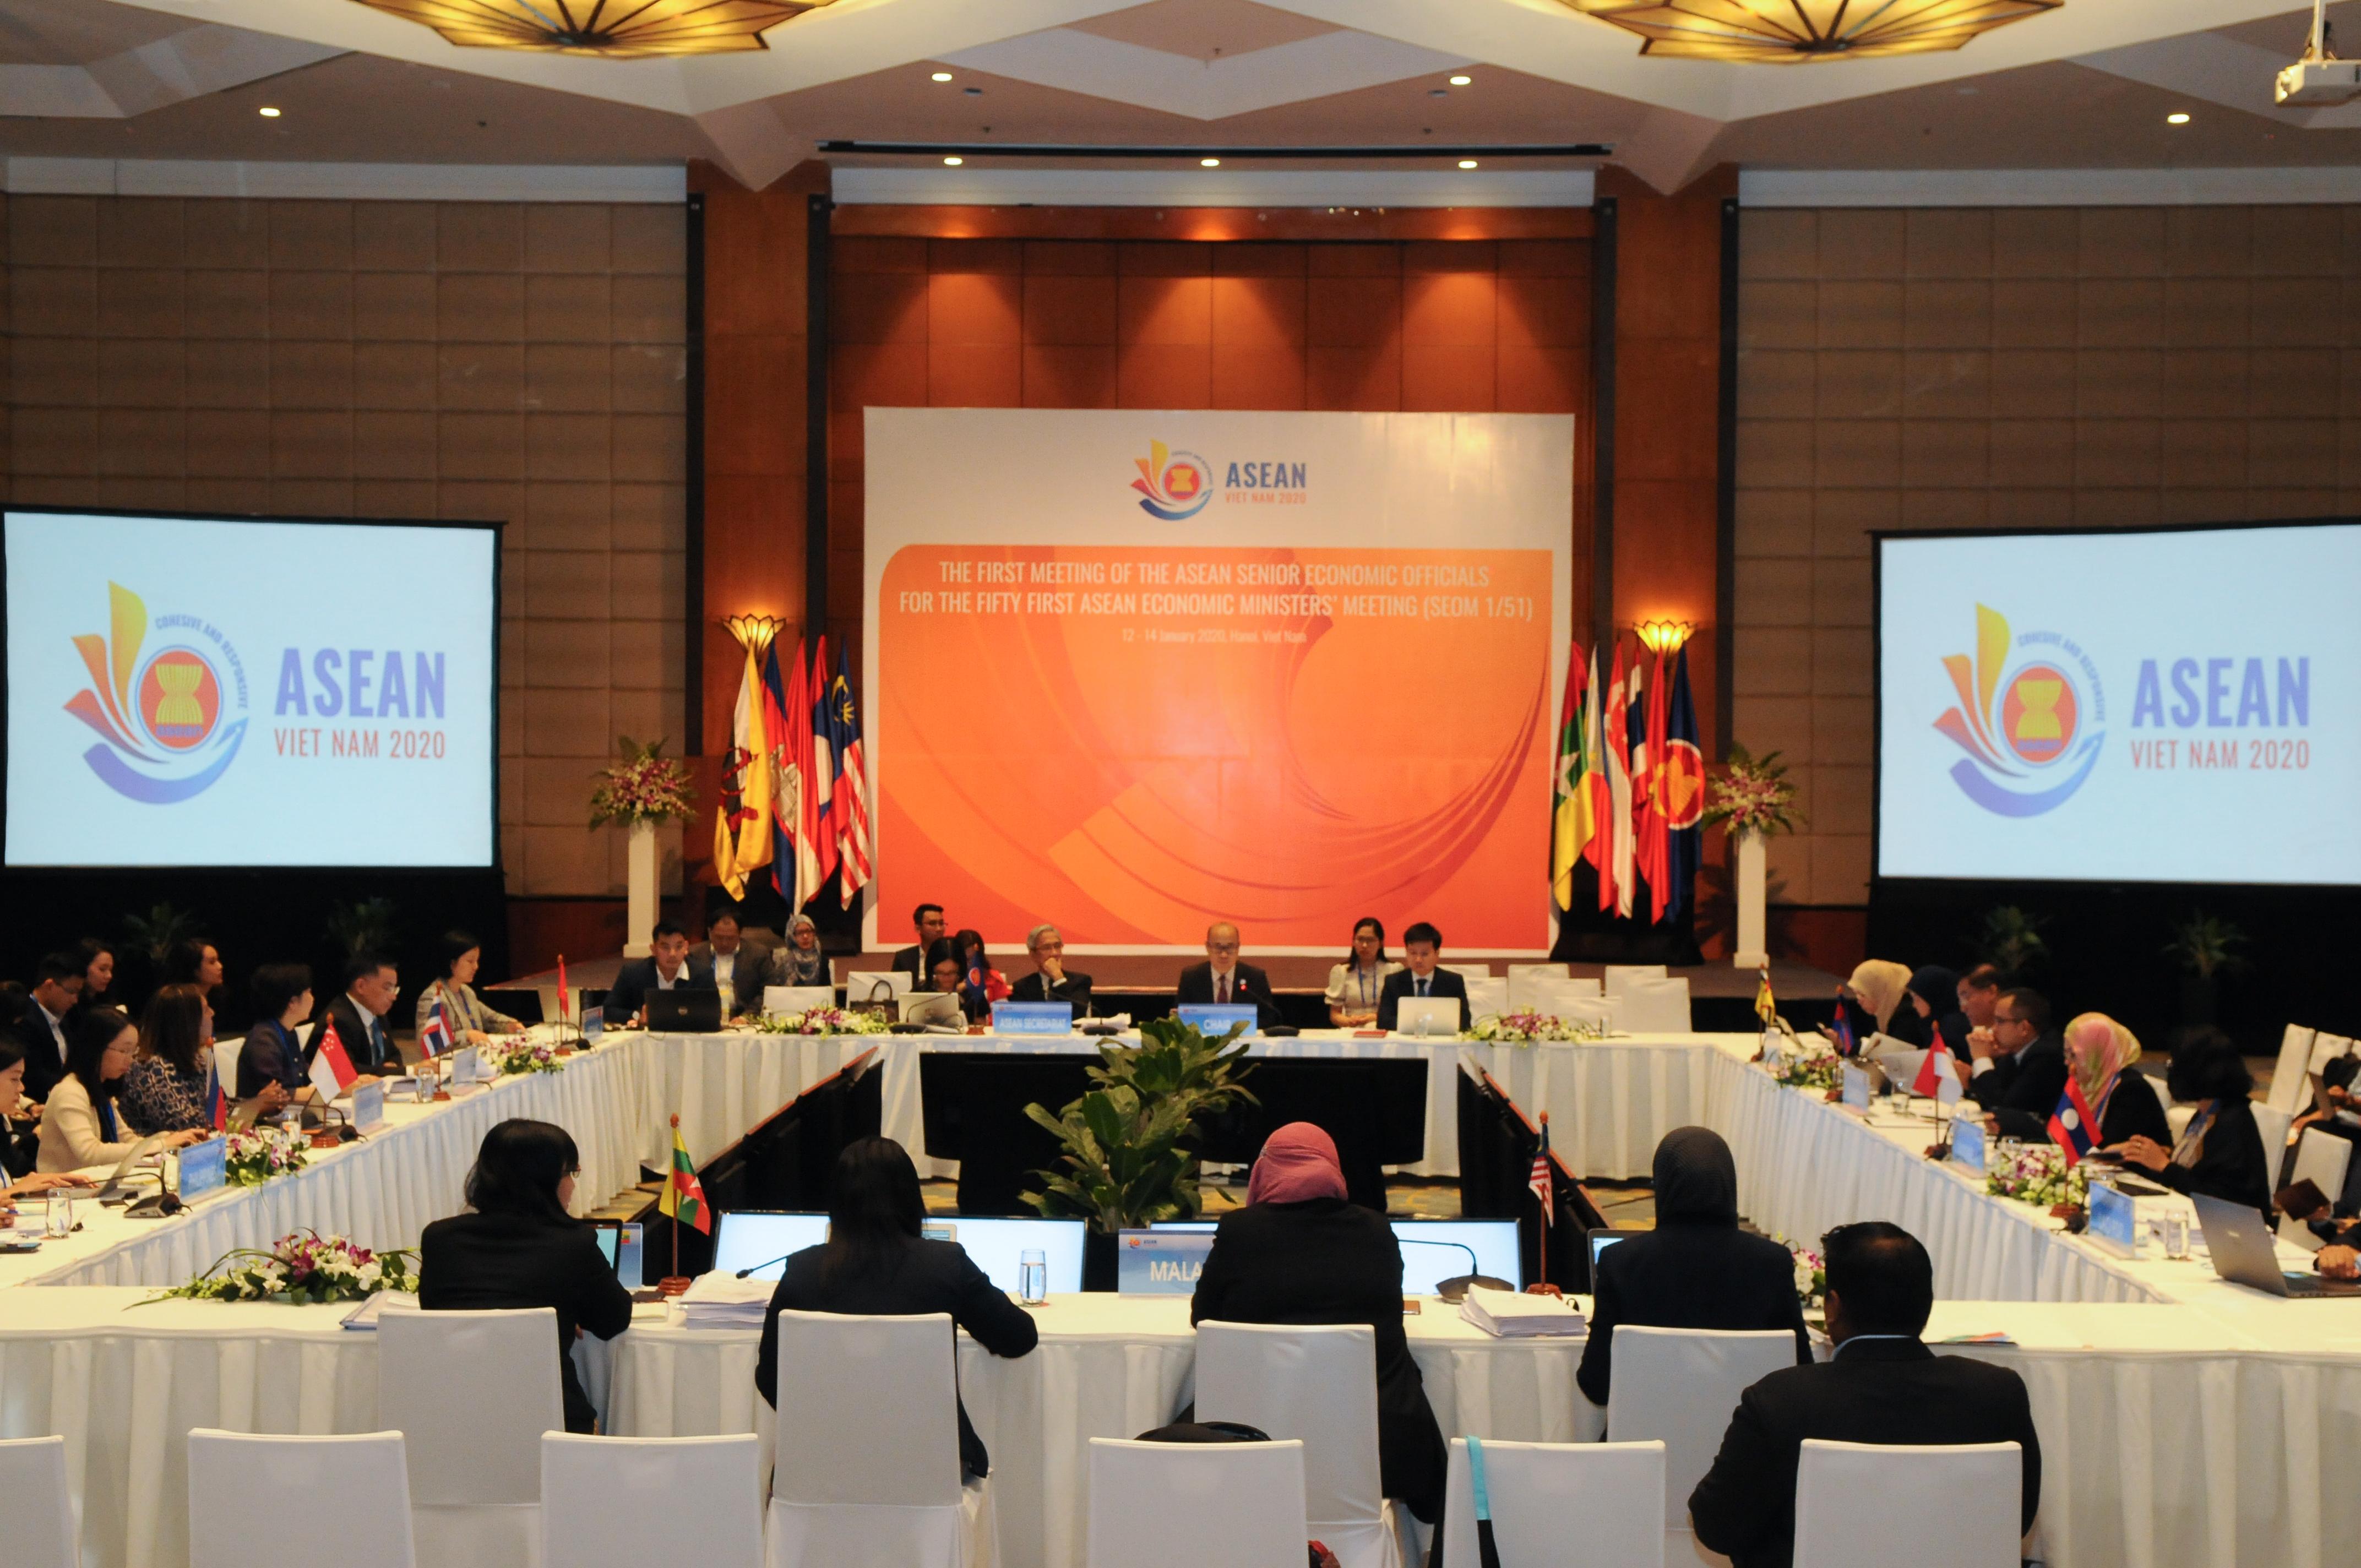 Hội nghị các Quan chức Kinh tế Cao cấp ASEAN lần thứ nhất năm 2020 SEOM 1 51